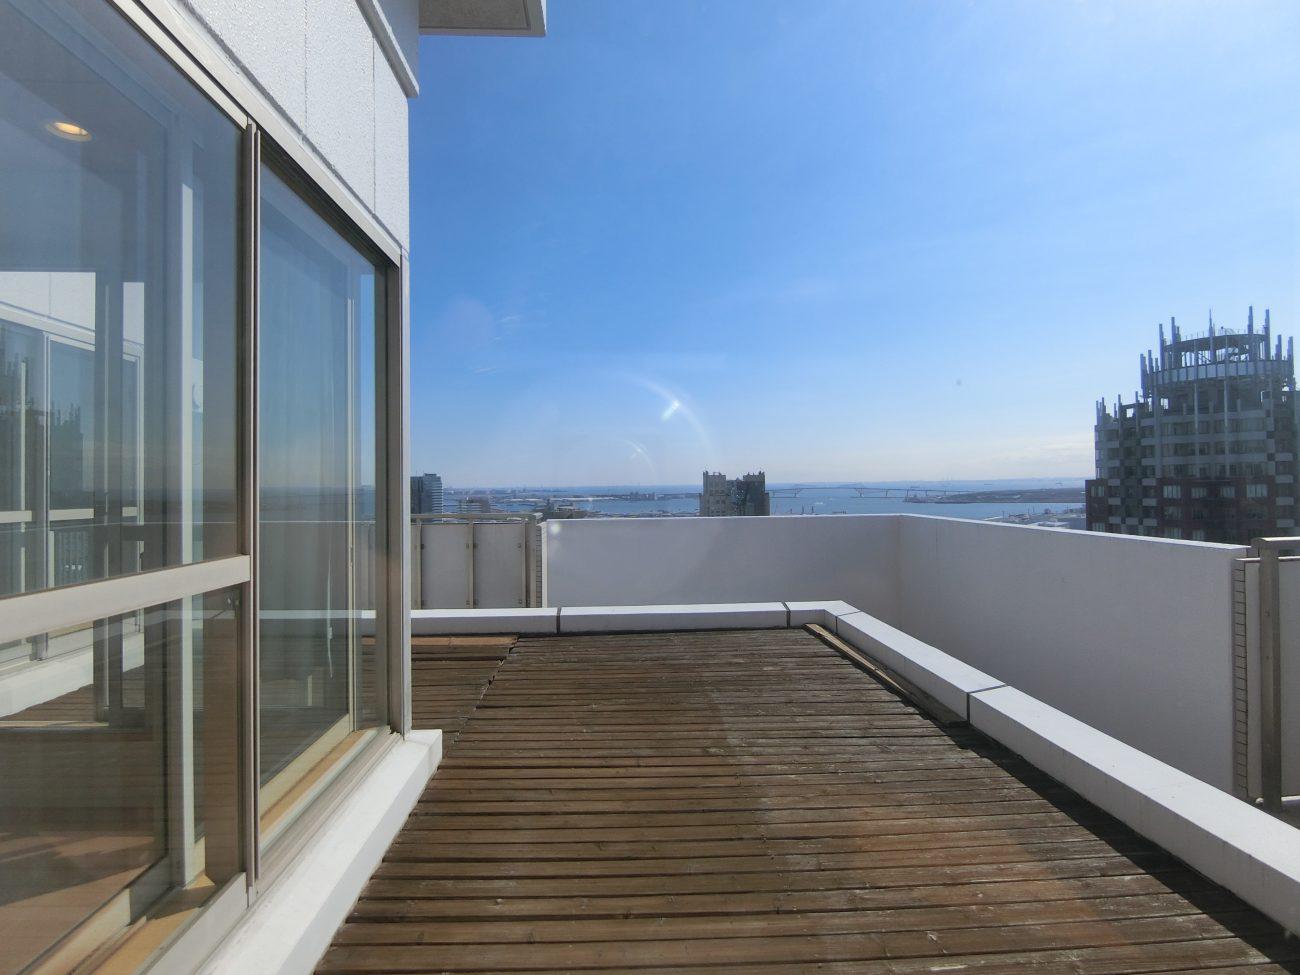 お台場海浜公園 築25年33Fタワーマン最上階99m2 水廻りリノベで賃料8万円アップ(32万⇒40万)の画像